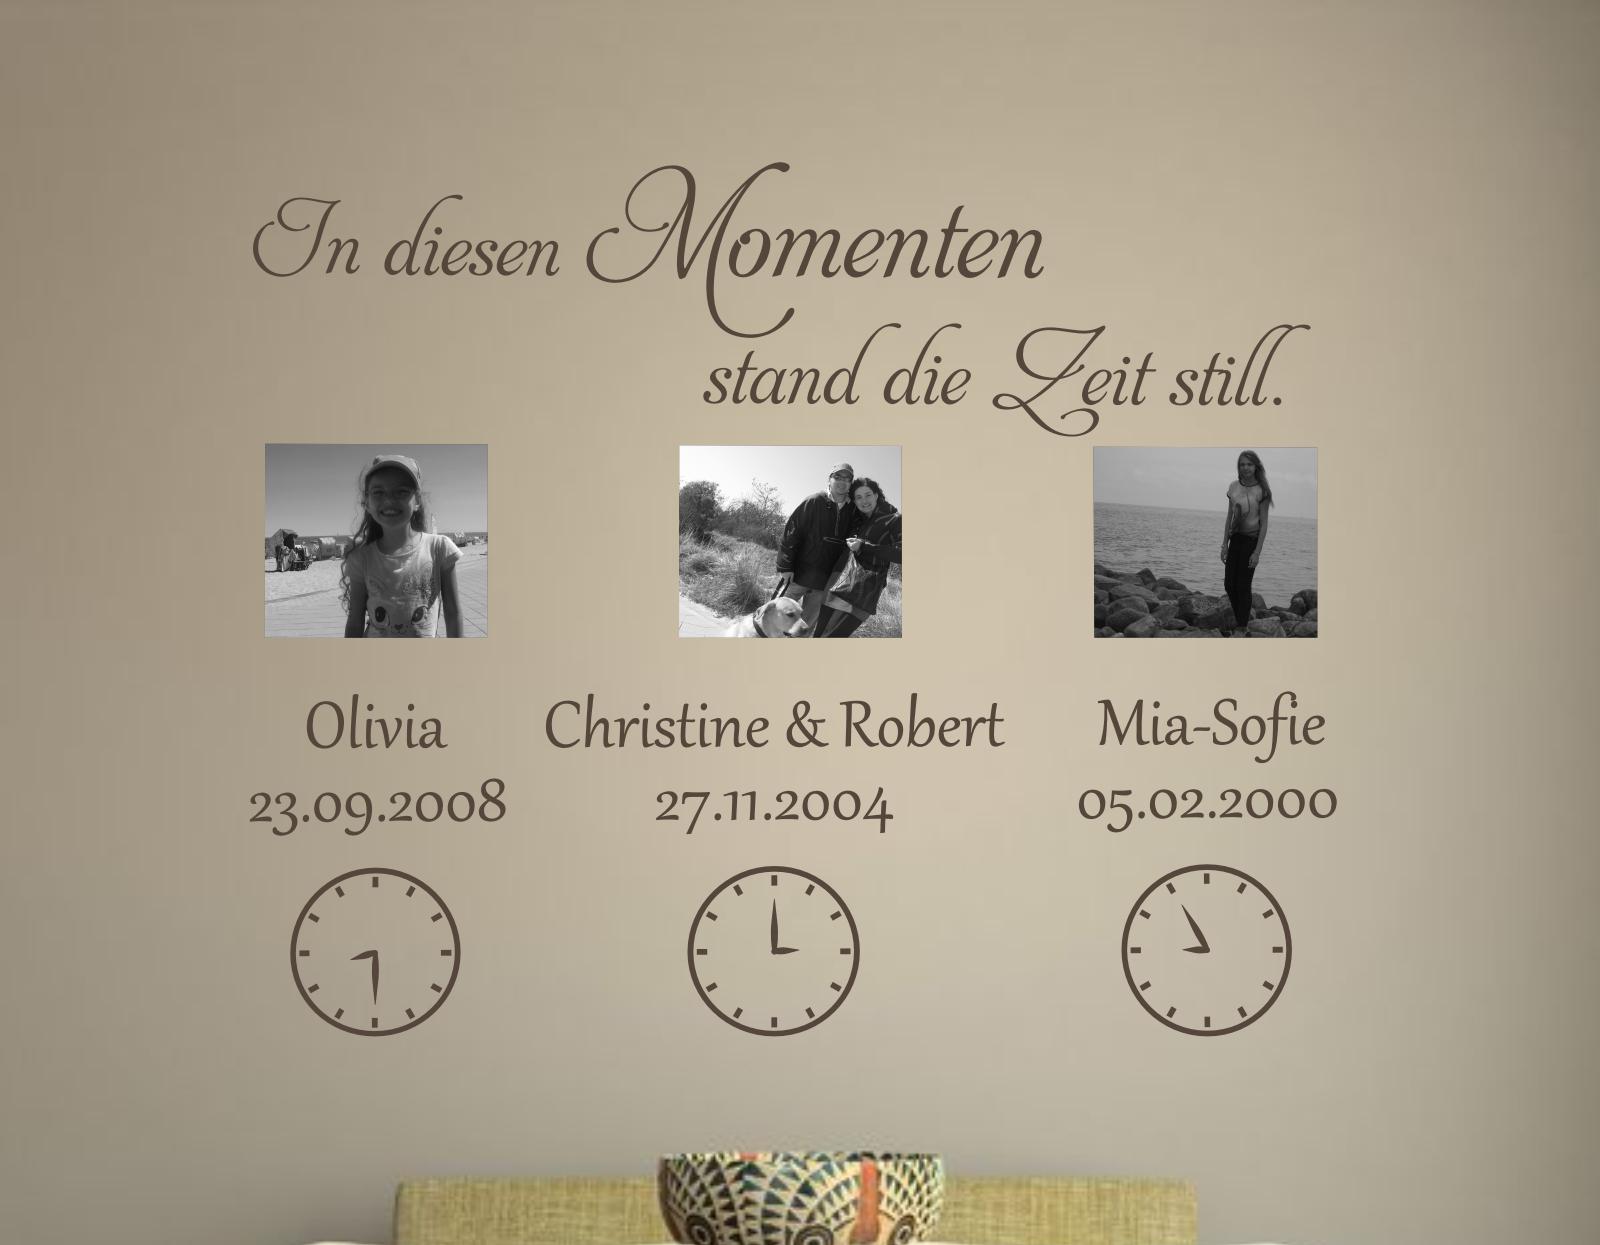 Dekortattoo.de - Wandtattoo In diesen Momenten...(mit Uhrzeit)